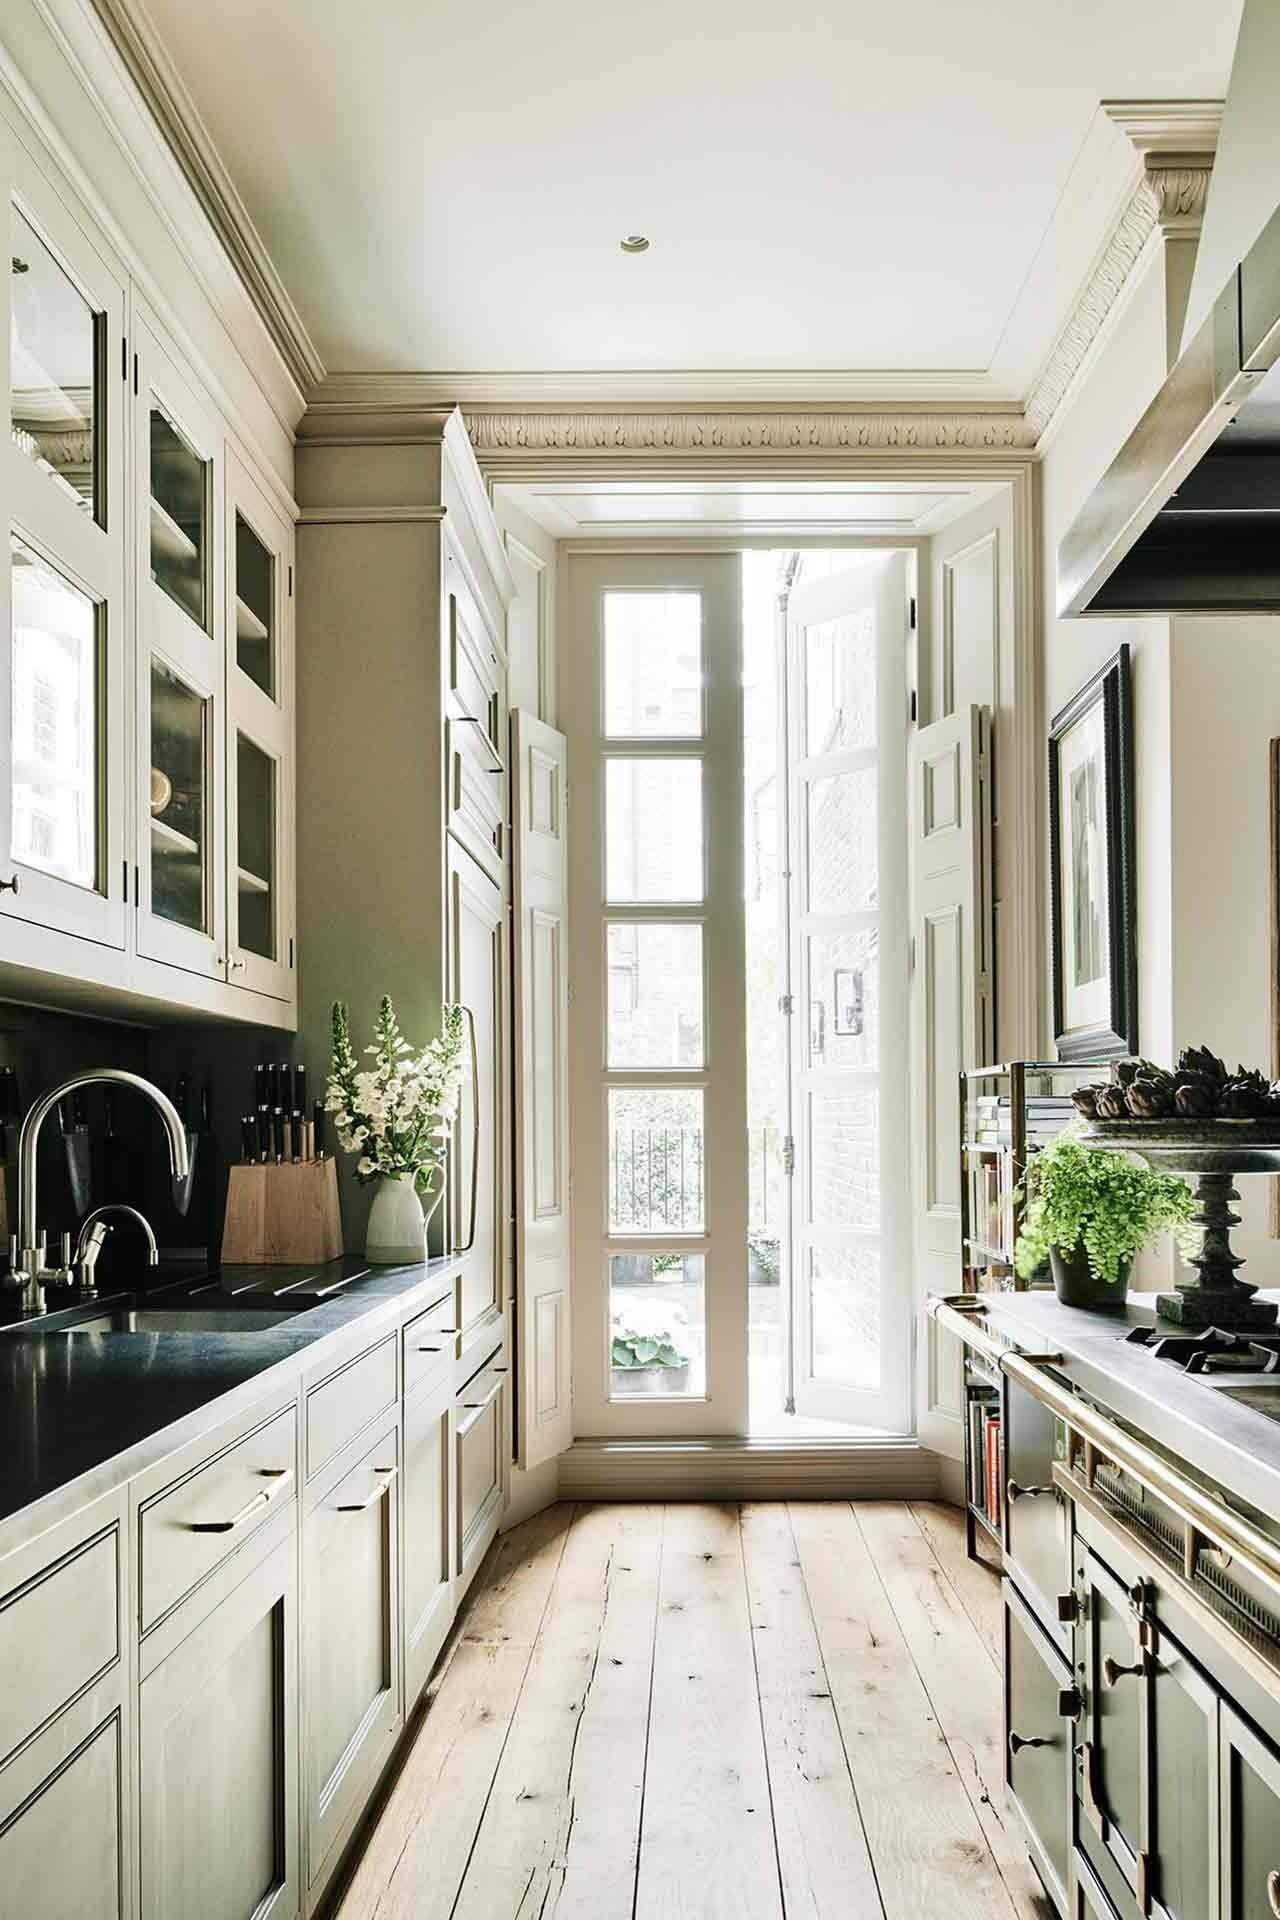 Galley kitchen   House & Garden